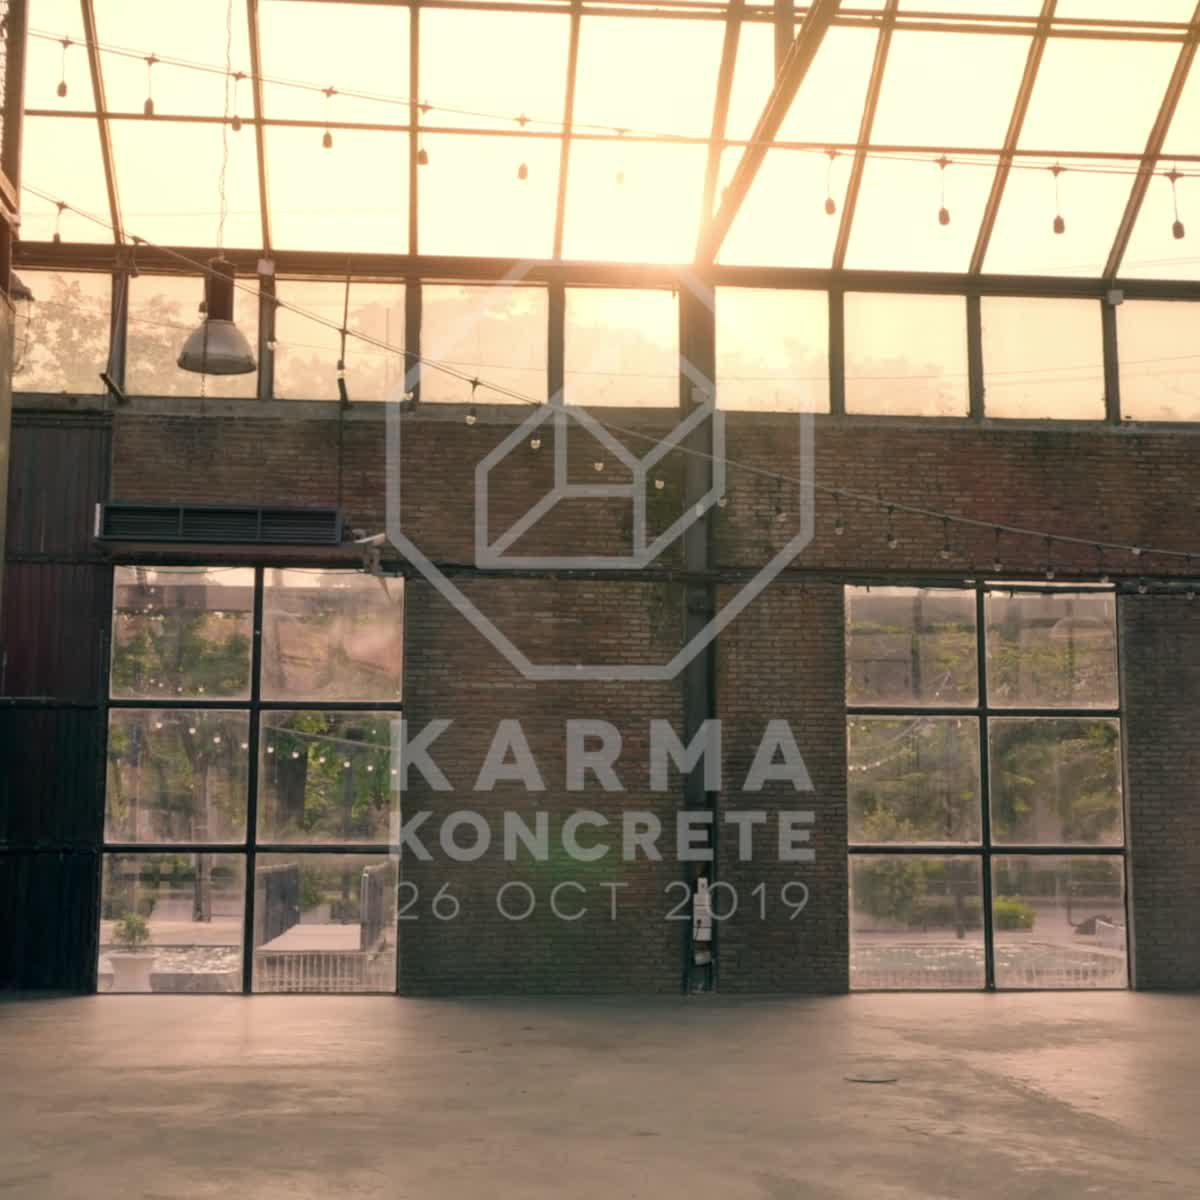 ก่อนจะเป็น Karma Koncrete 'ปาร์ตี้ในโกดัง' 26 ตุลาคมนี้